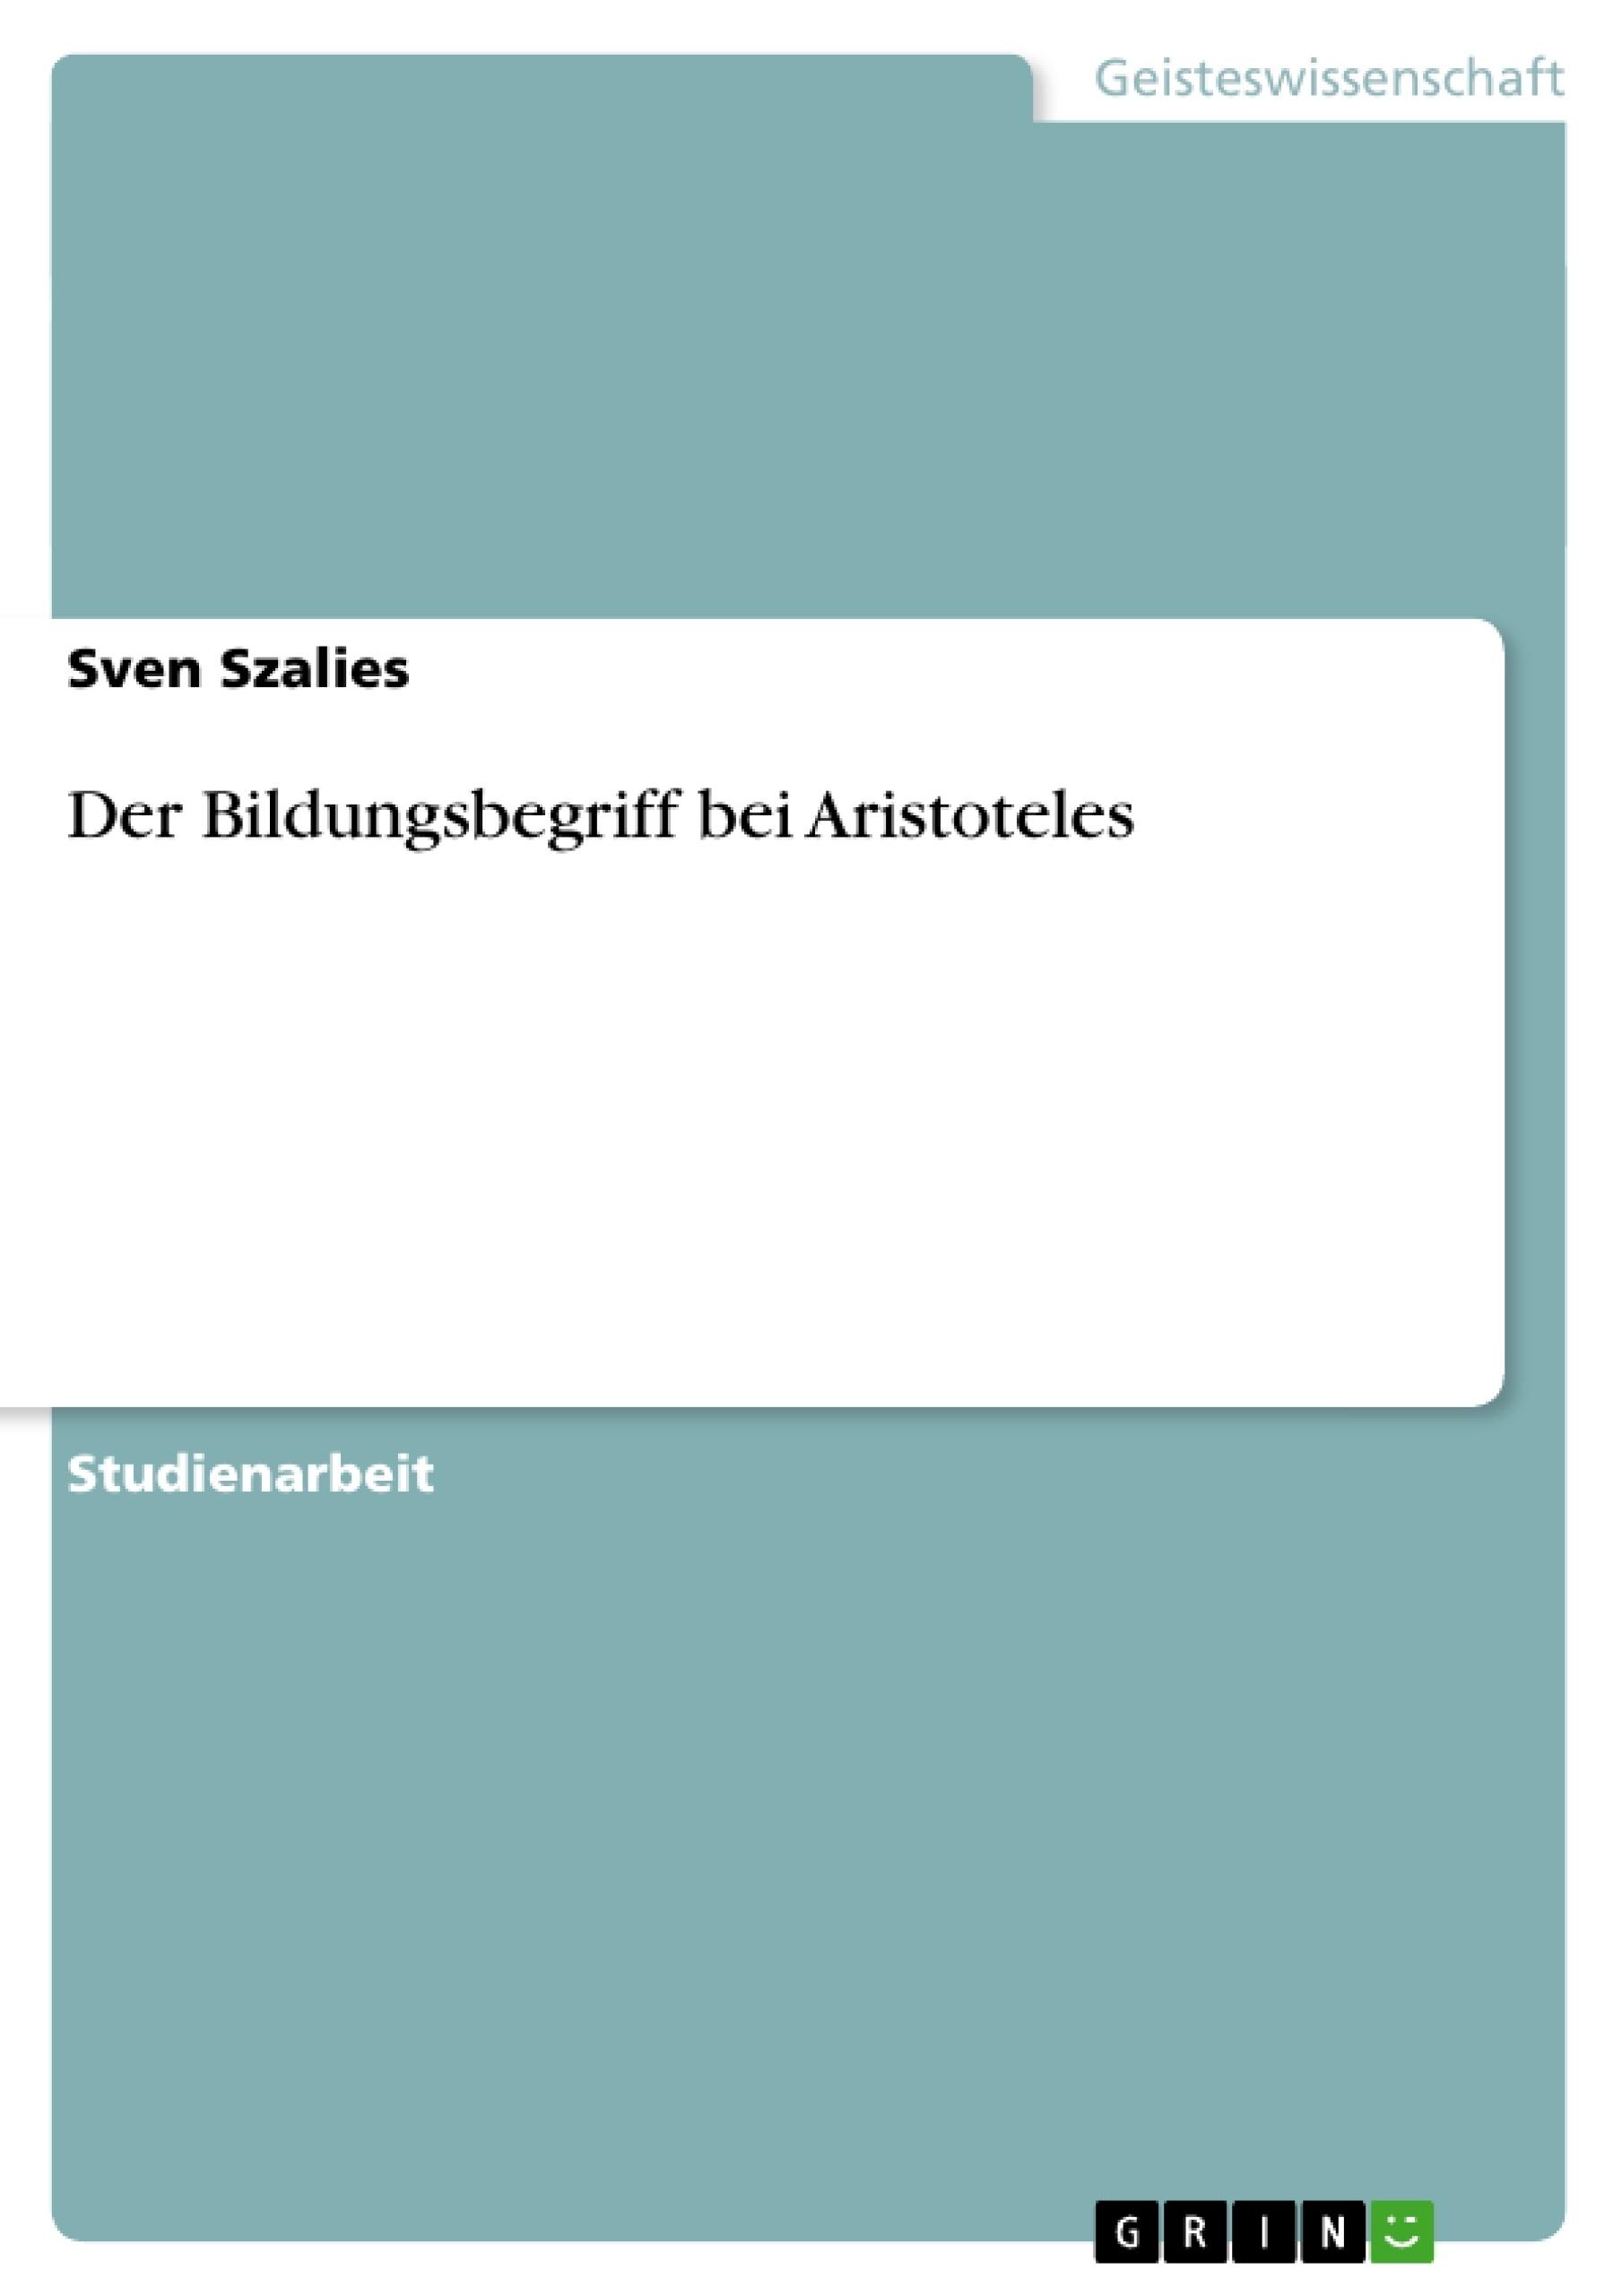 Titel: Der Bildungsbegriff bei Aristoteles